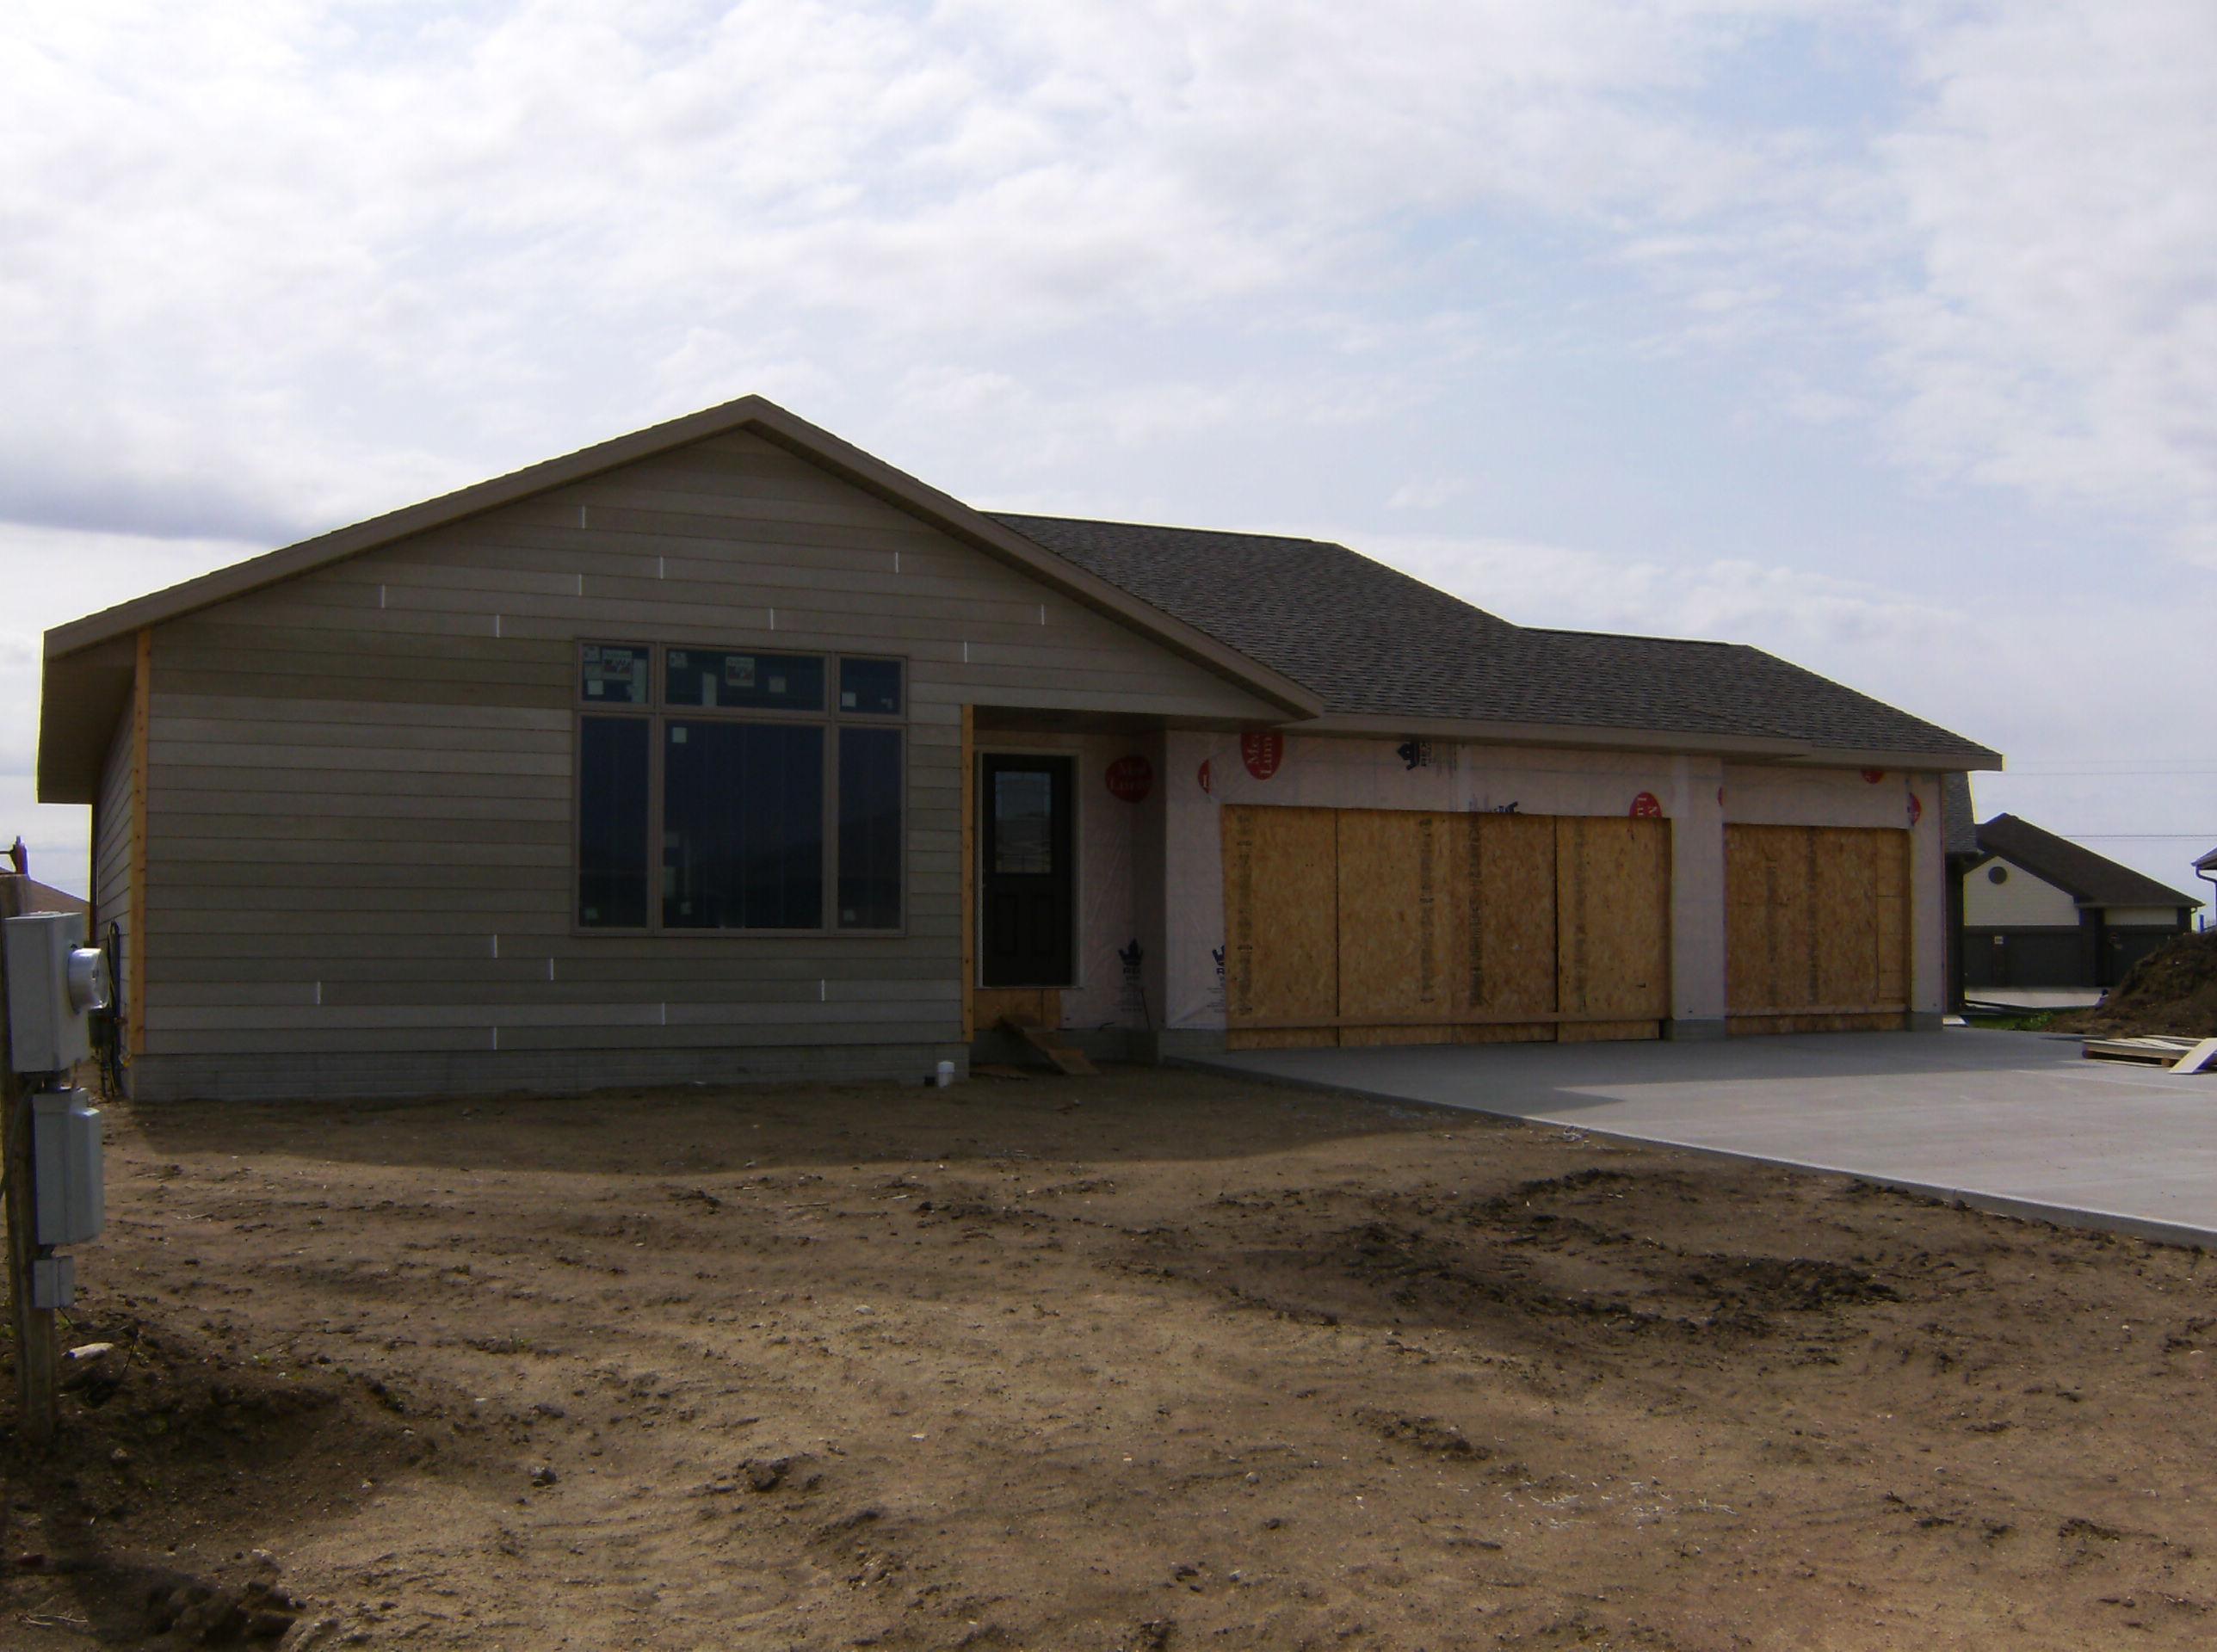 2508 Dunham Drive, Yankton, South Dakota 57078